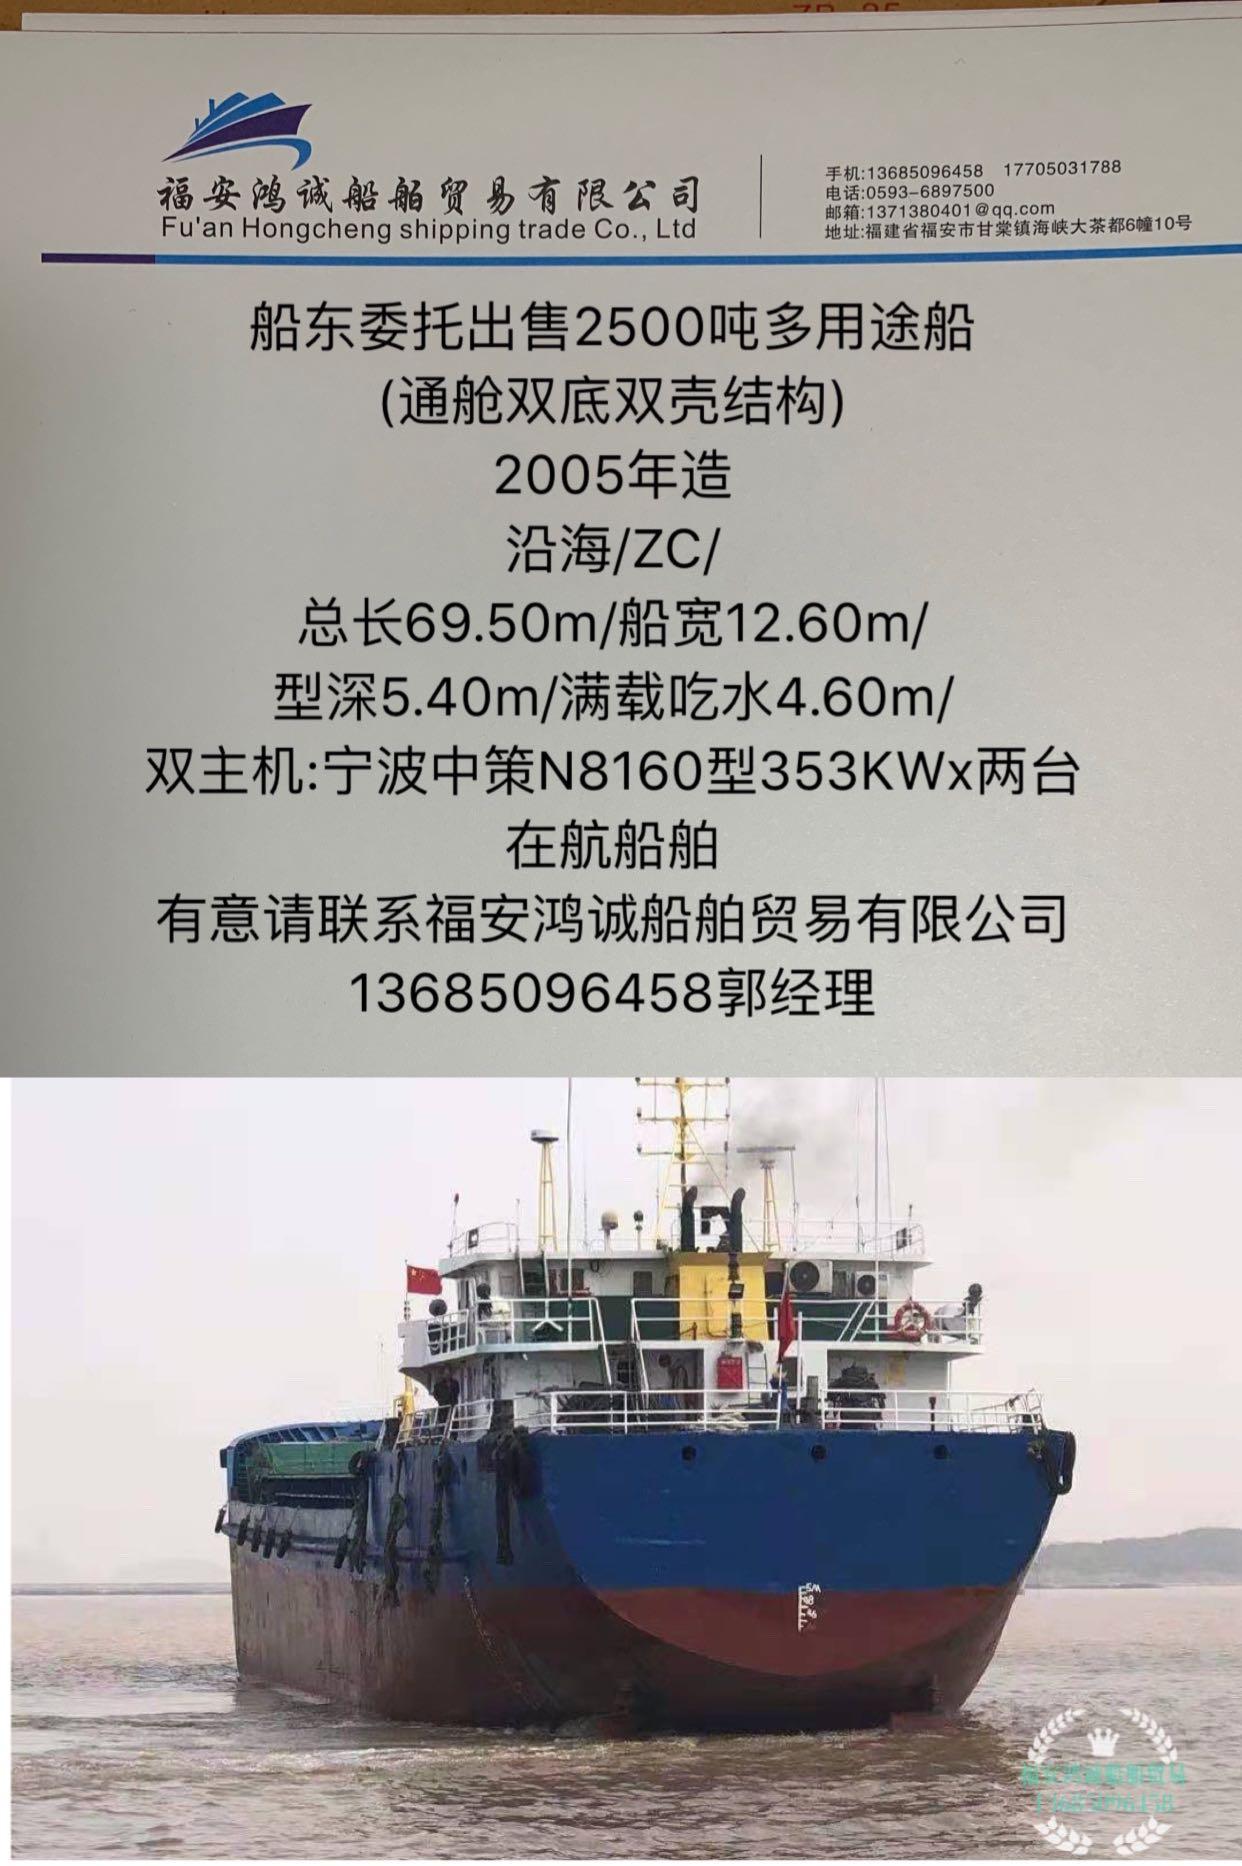 出售2500吨双壳多用途船